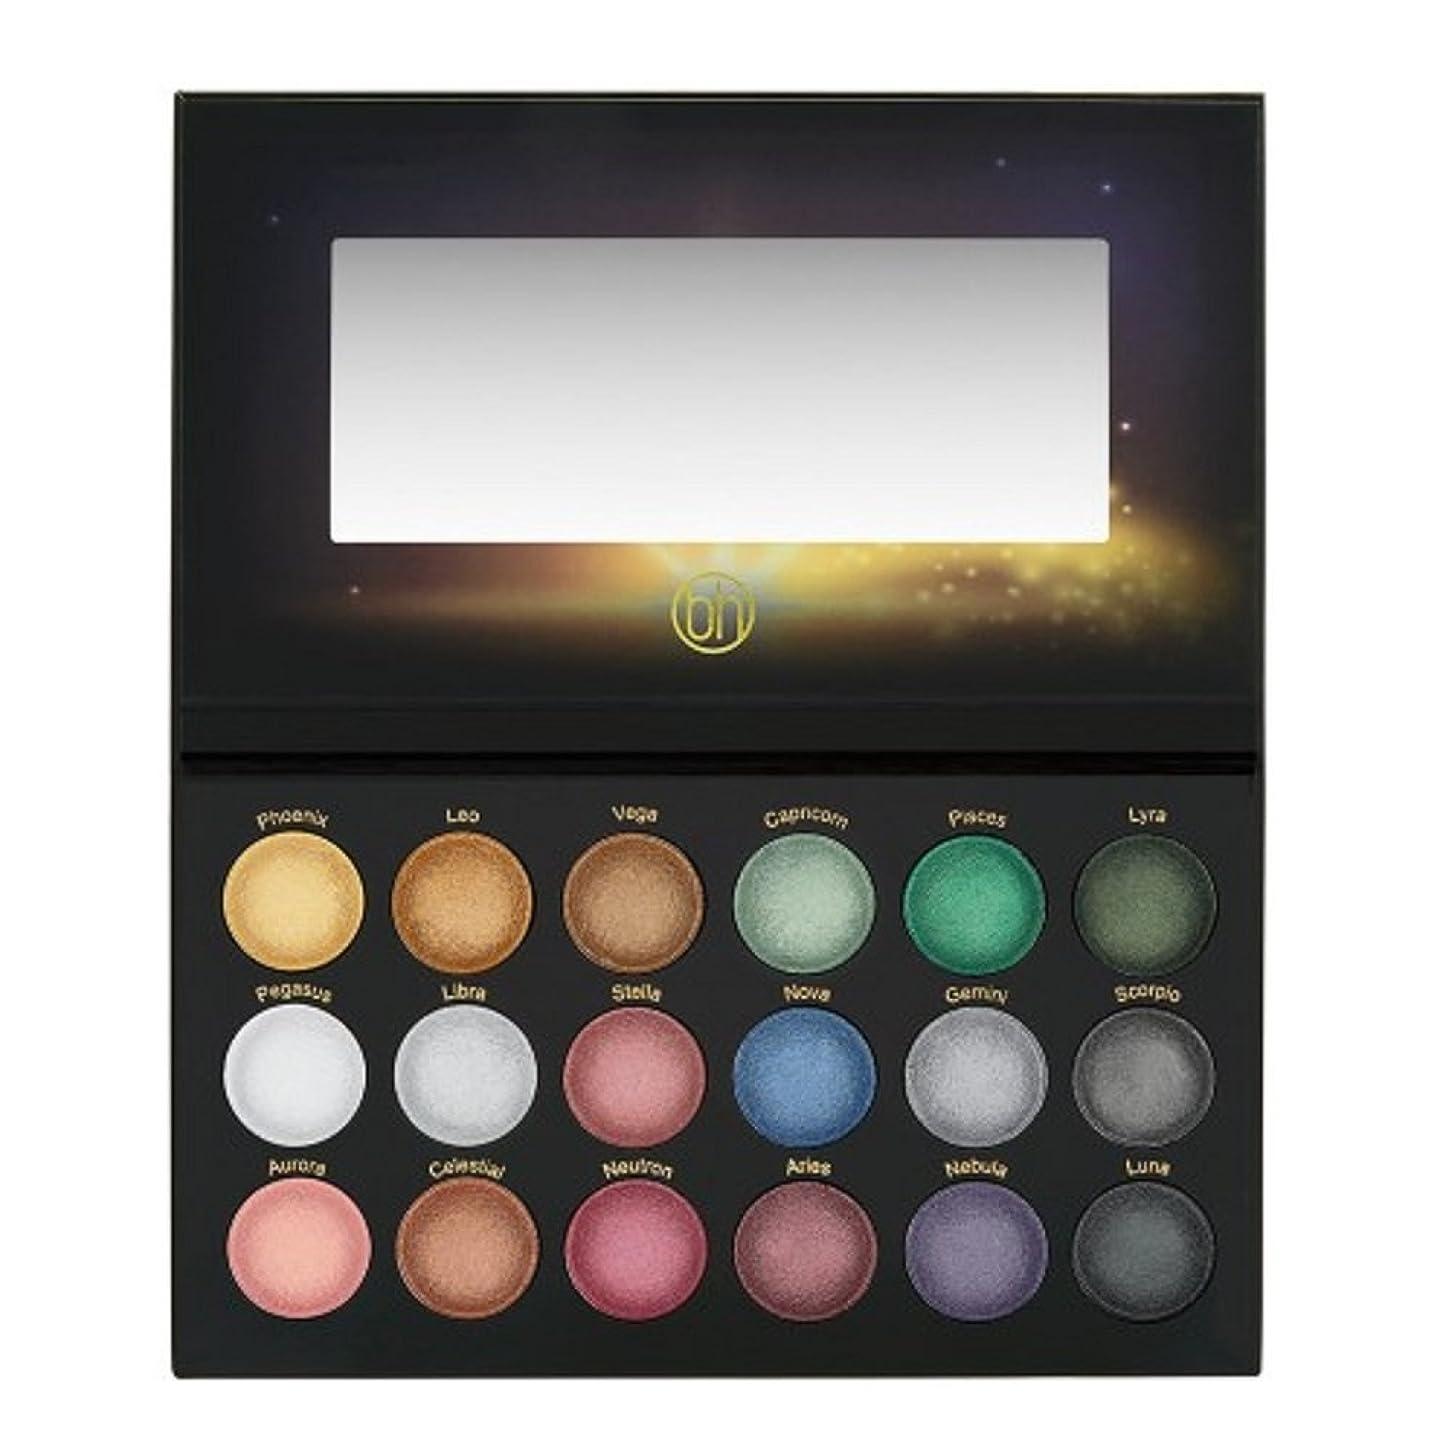 リーズ恩赦ディレクトリBH Cosmetics Supernova - 18 Color Baked Eyeshadow Palette (並行輸入品)